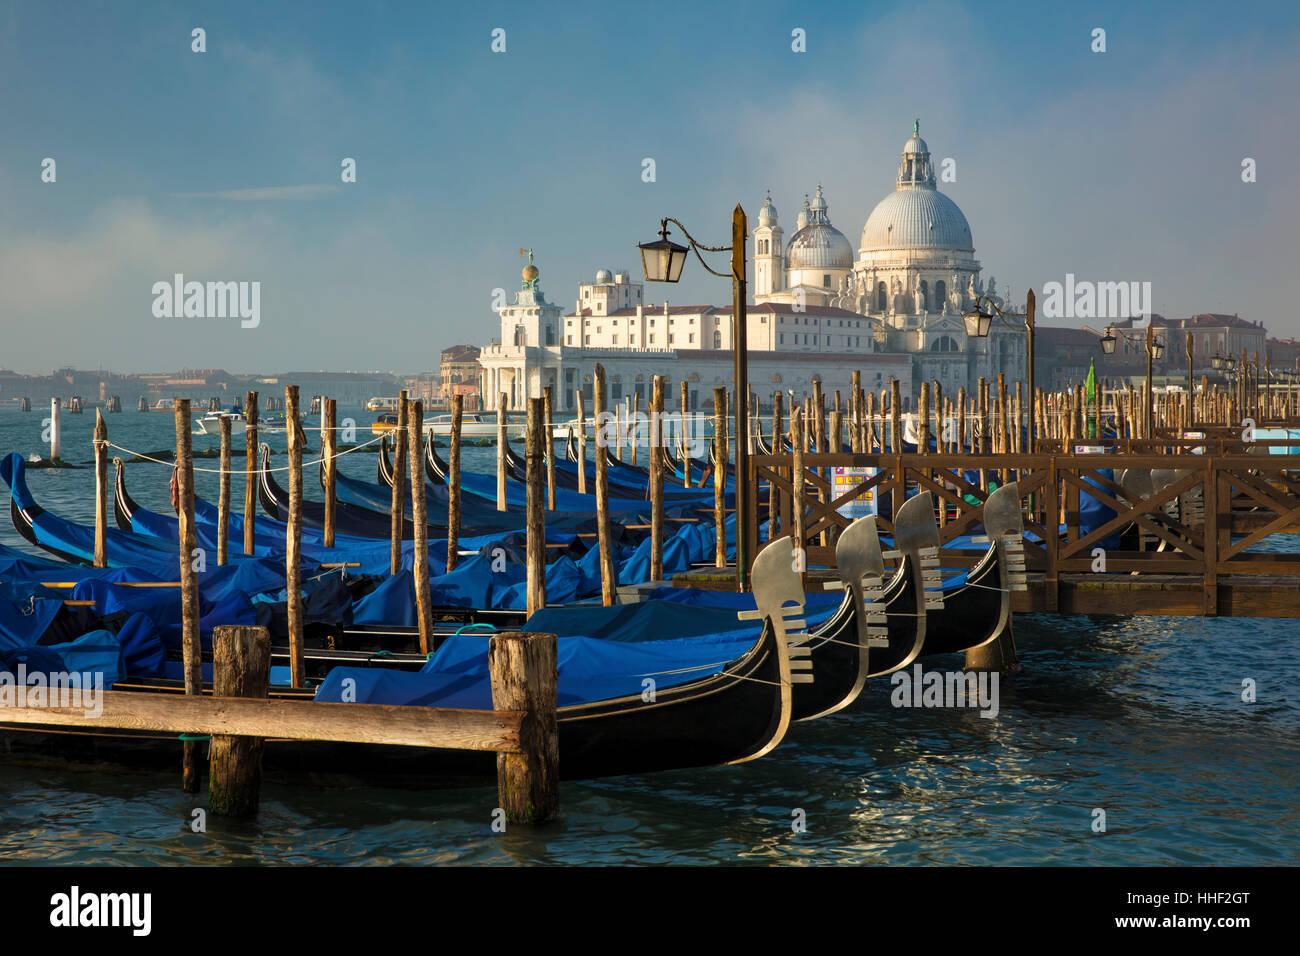 Bobbing gondolas below Santa Maria della Salute, Venice, Veneto, Italy - Stock Image